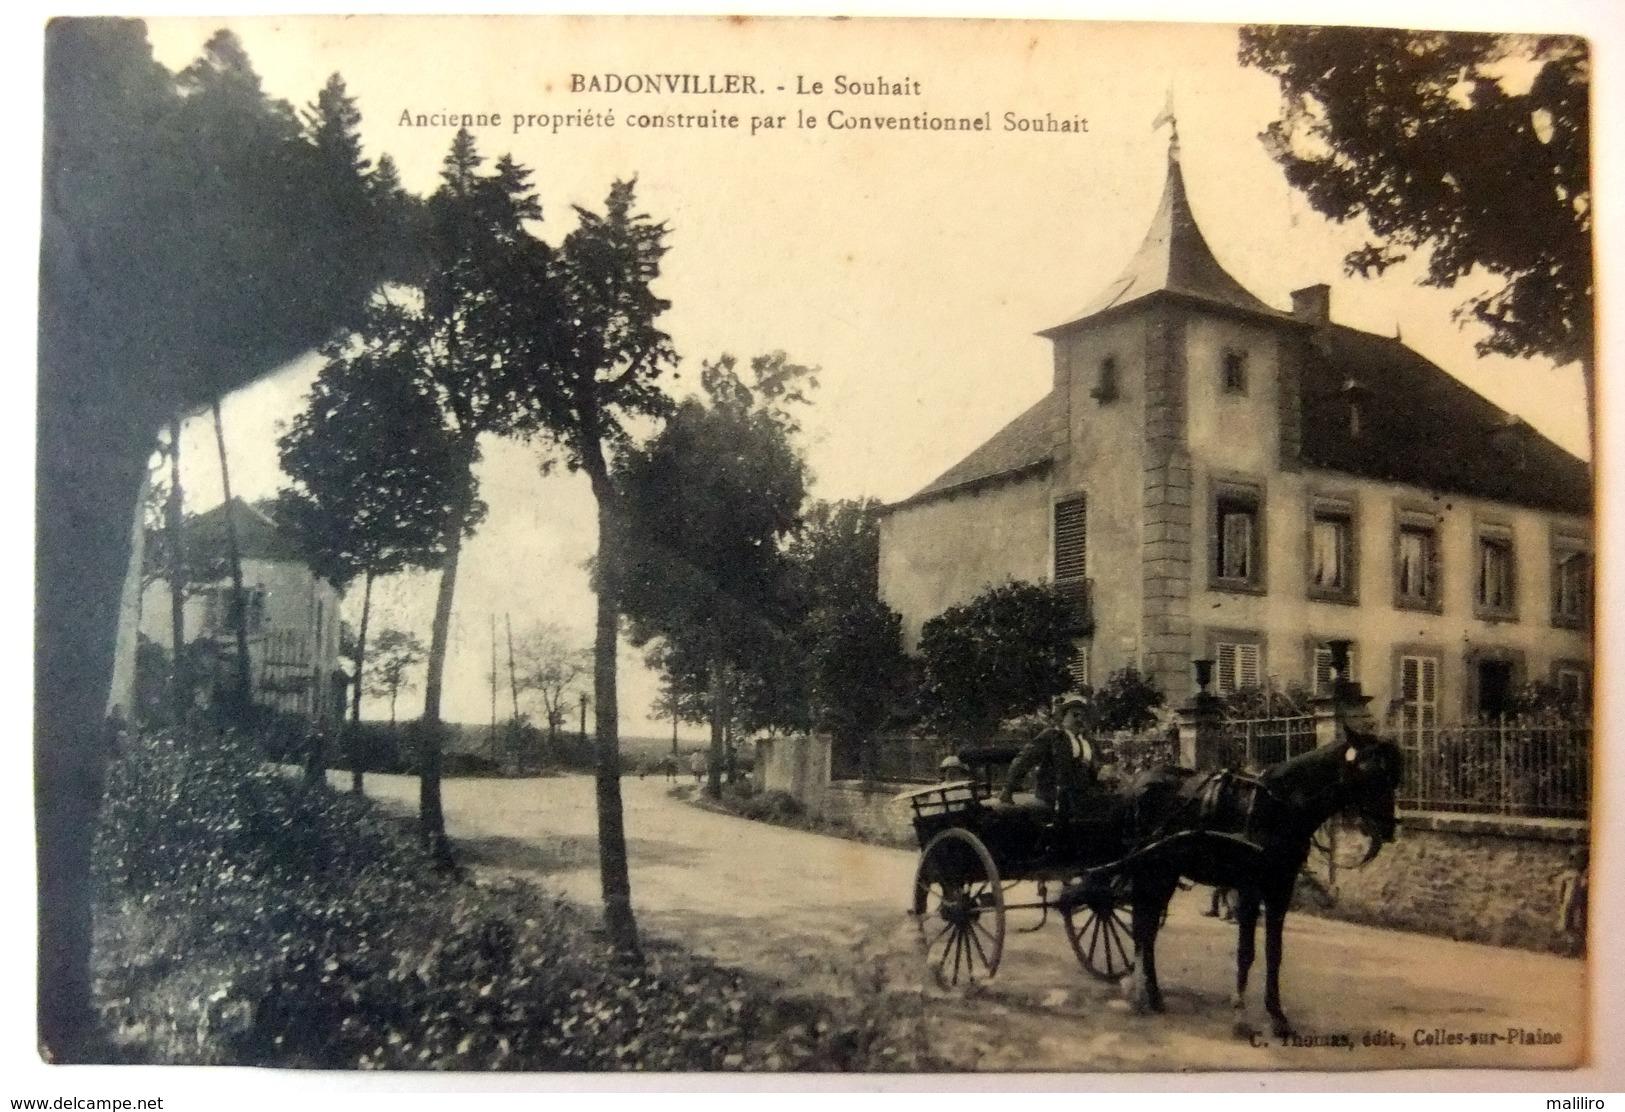 Badonviller - Le Souhait - Ancienne Propriété Construite Par Le Conventionnel Souhait - France